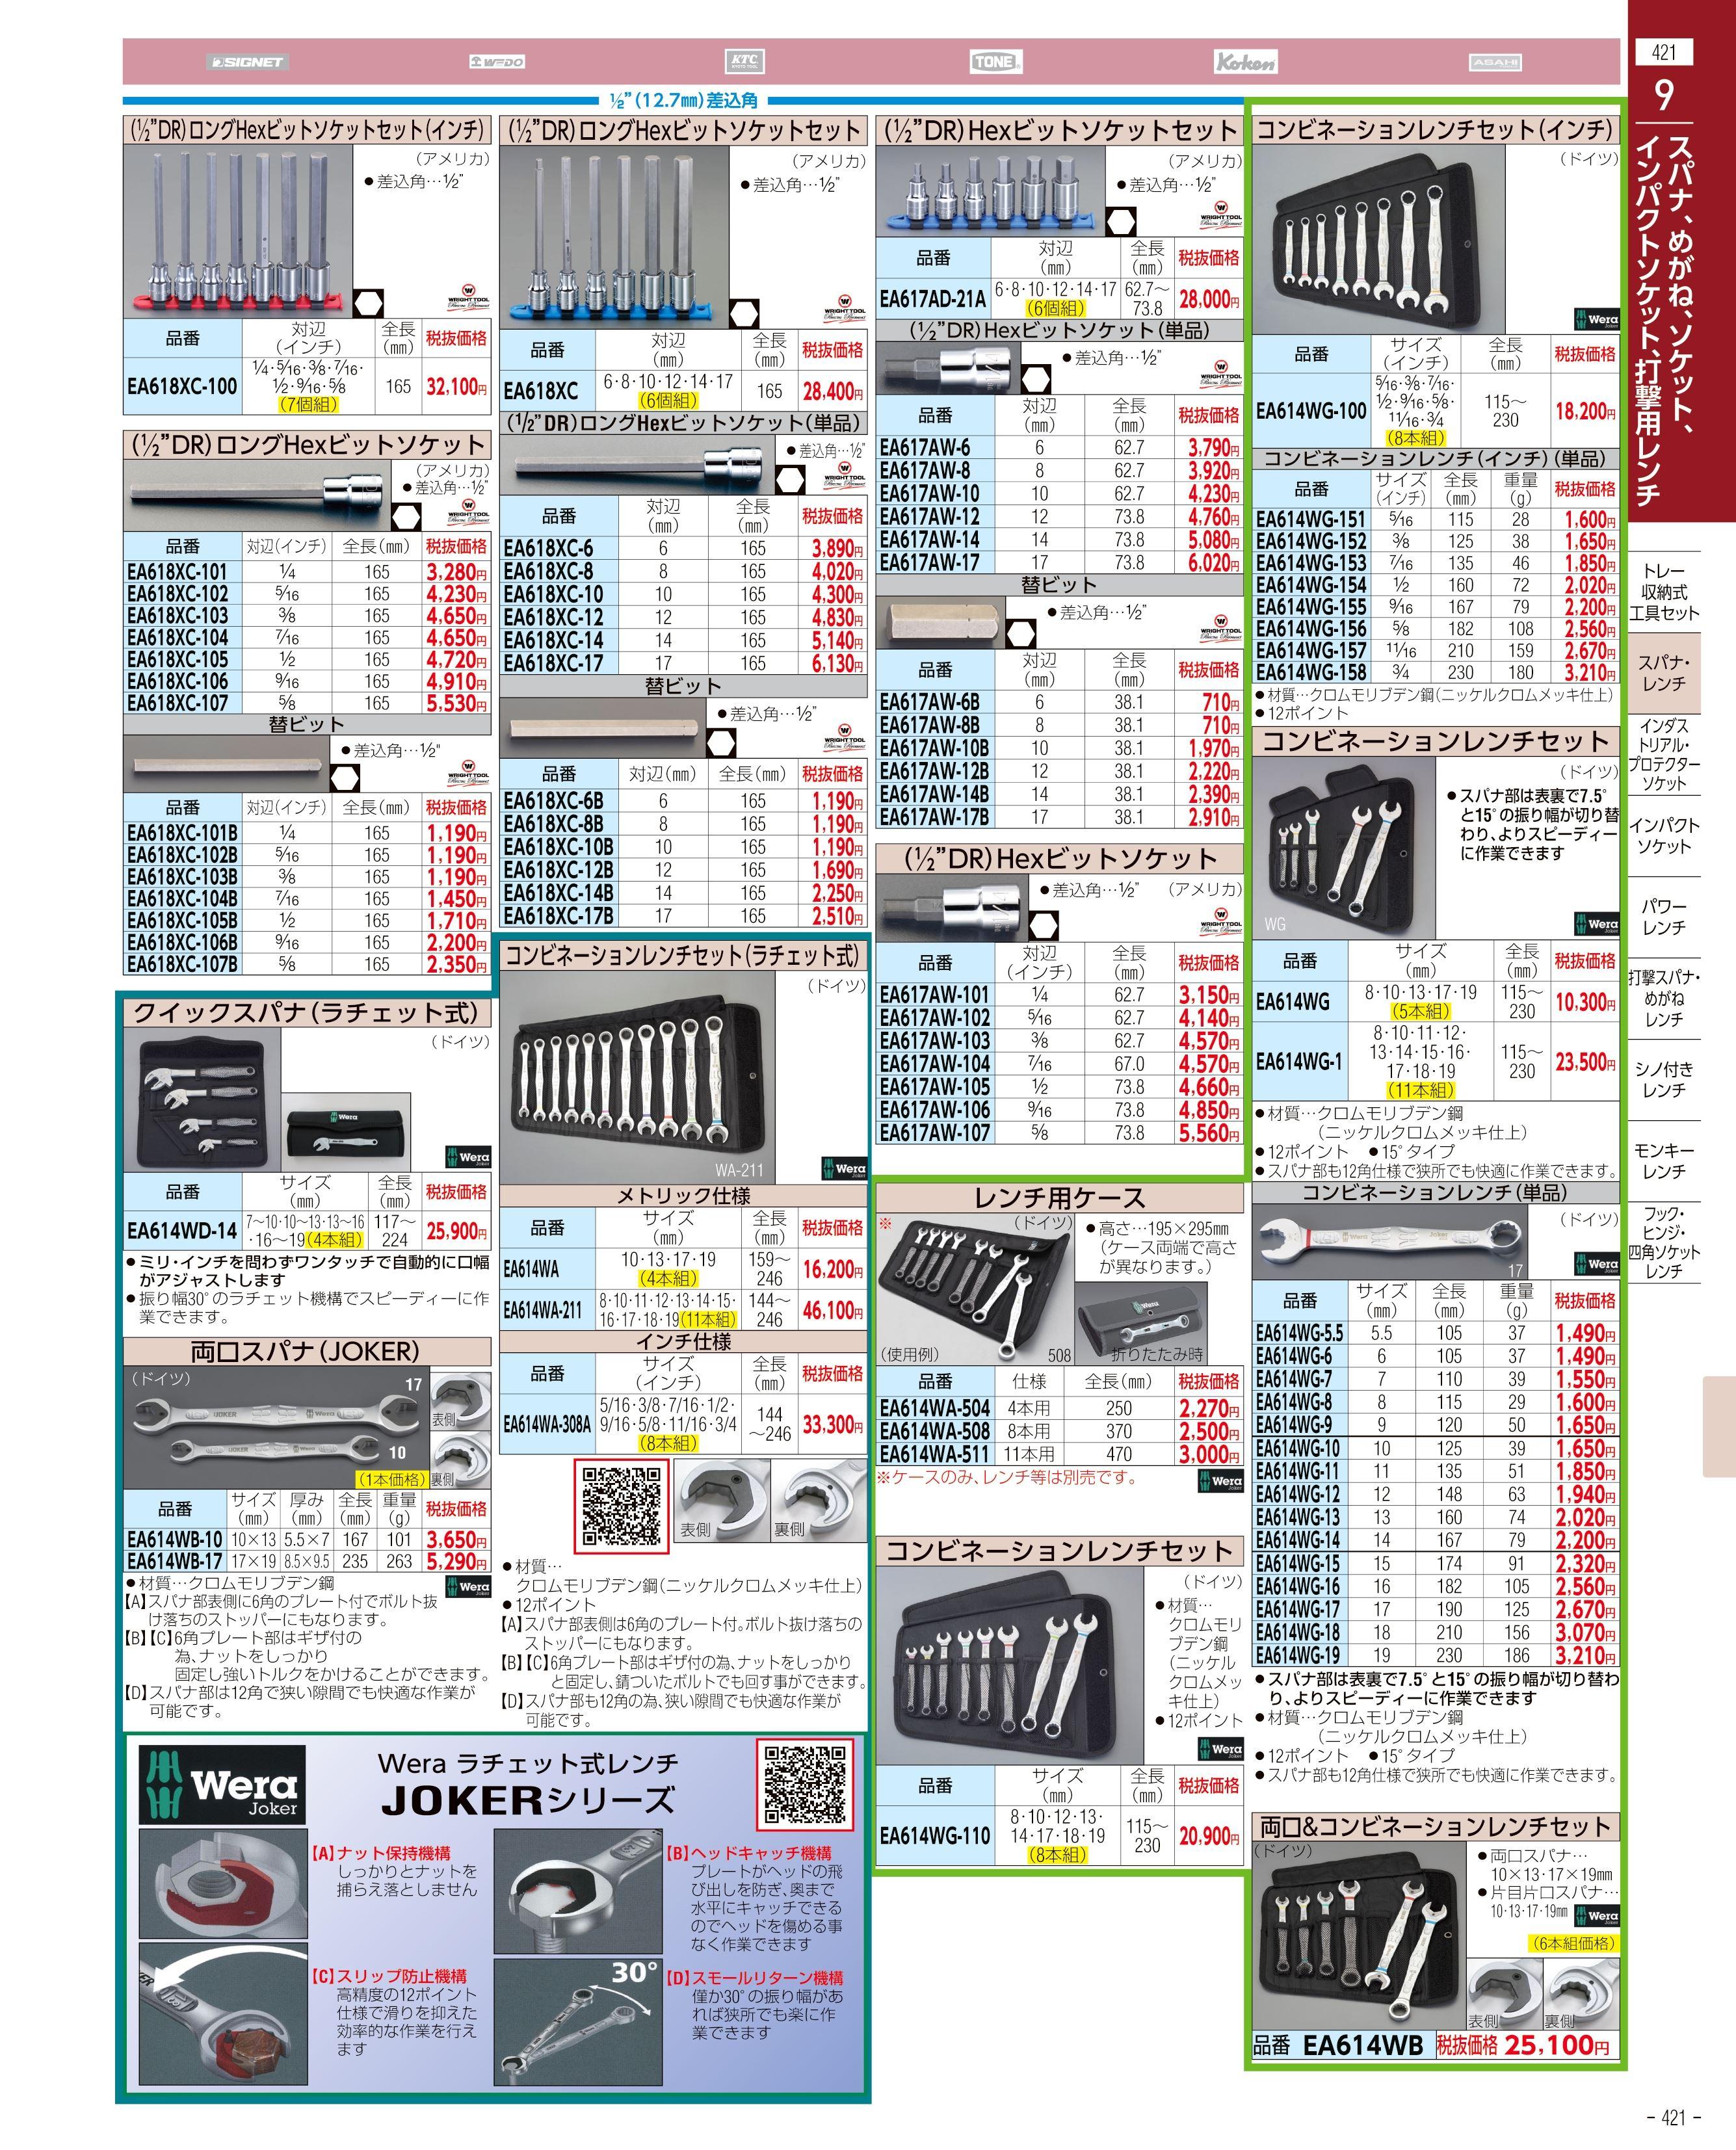 エスコ便利カタログ421ページ